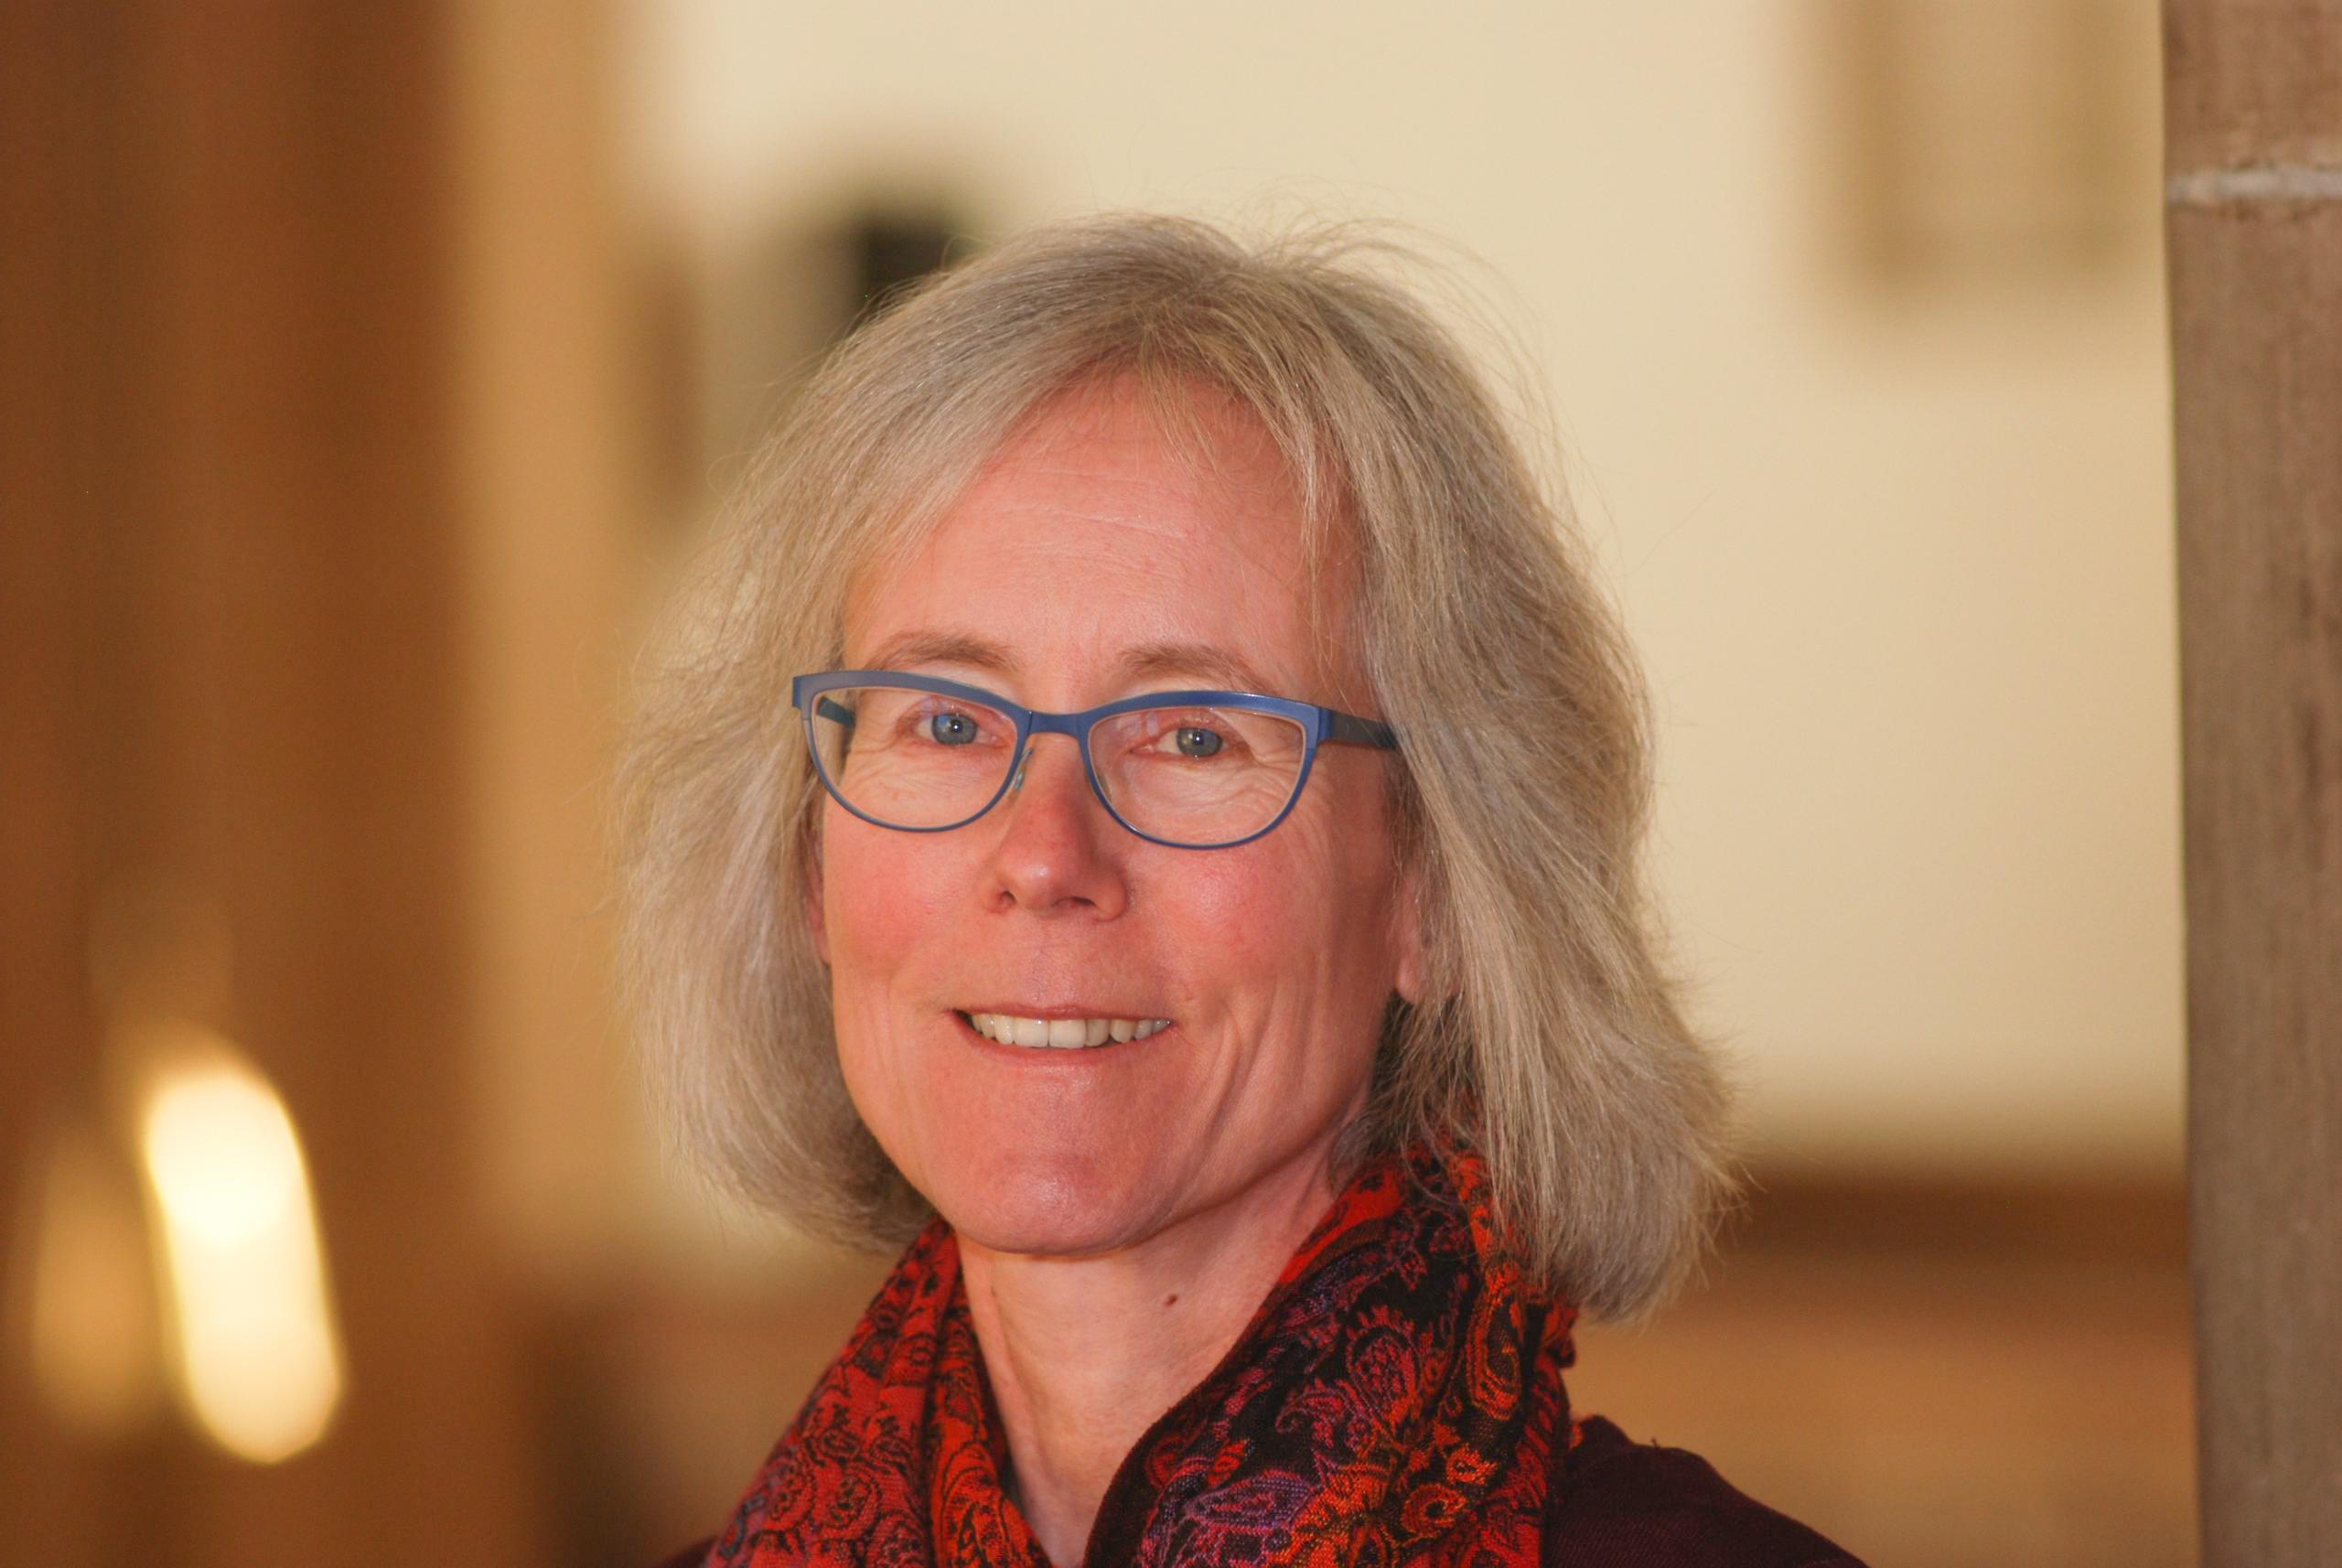 Susanne Kaber